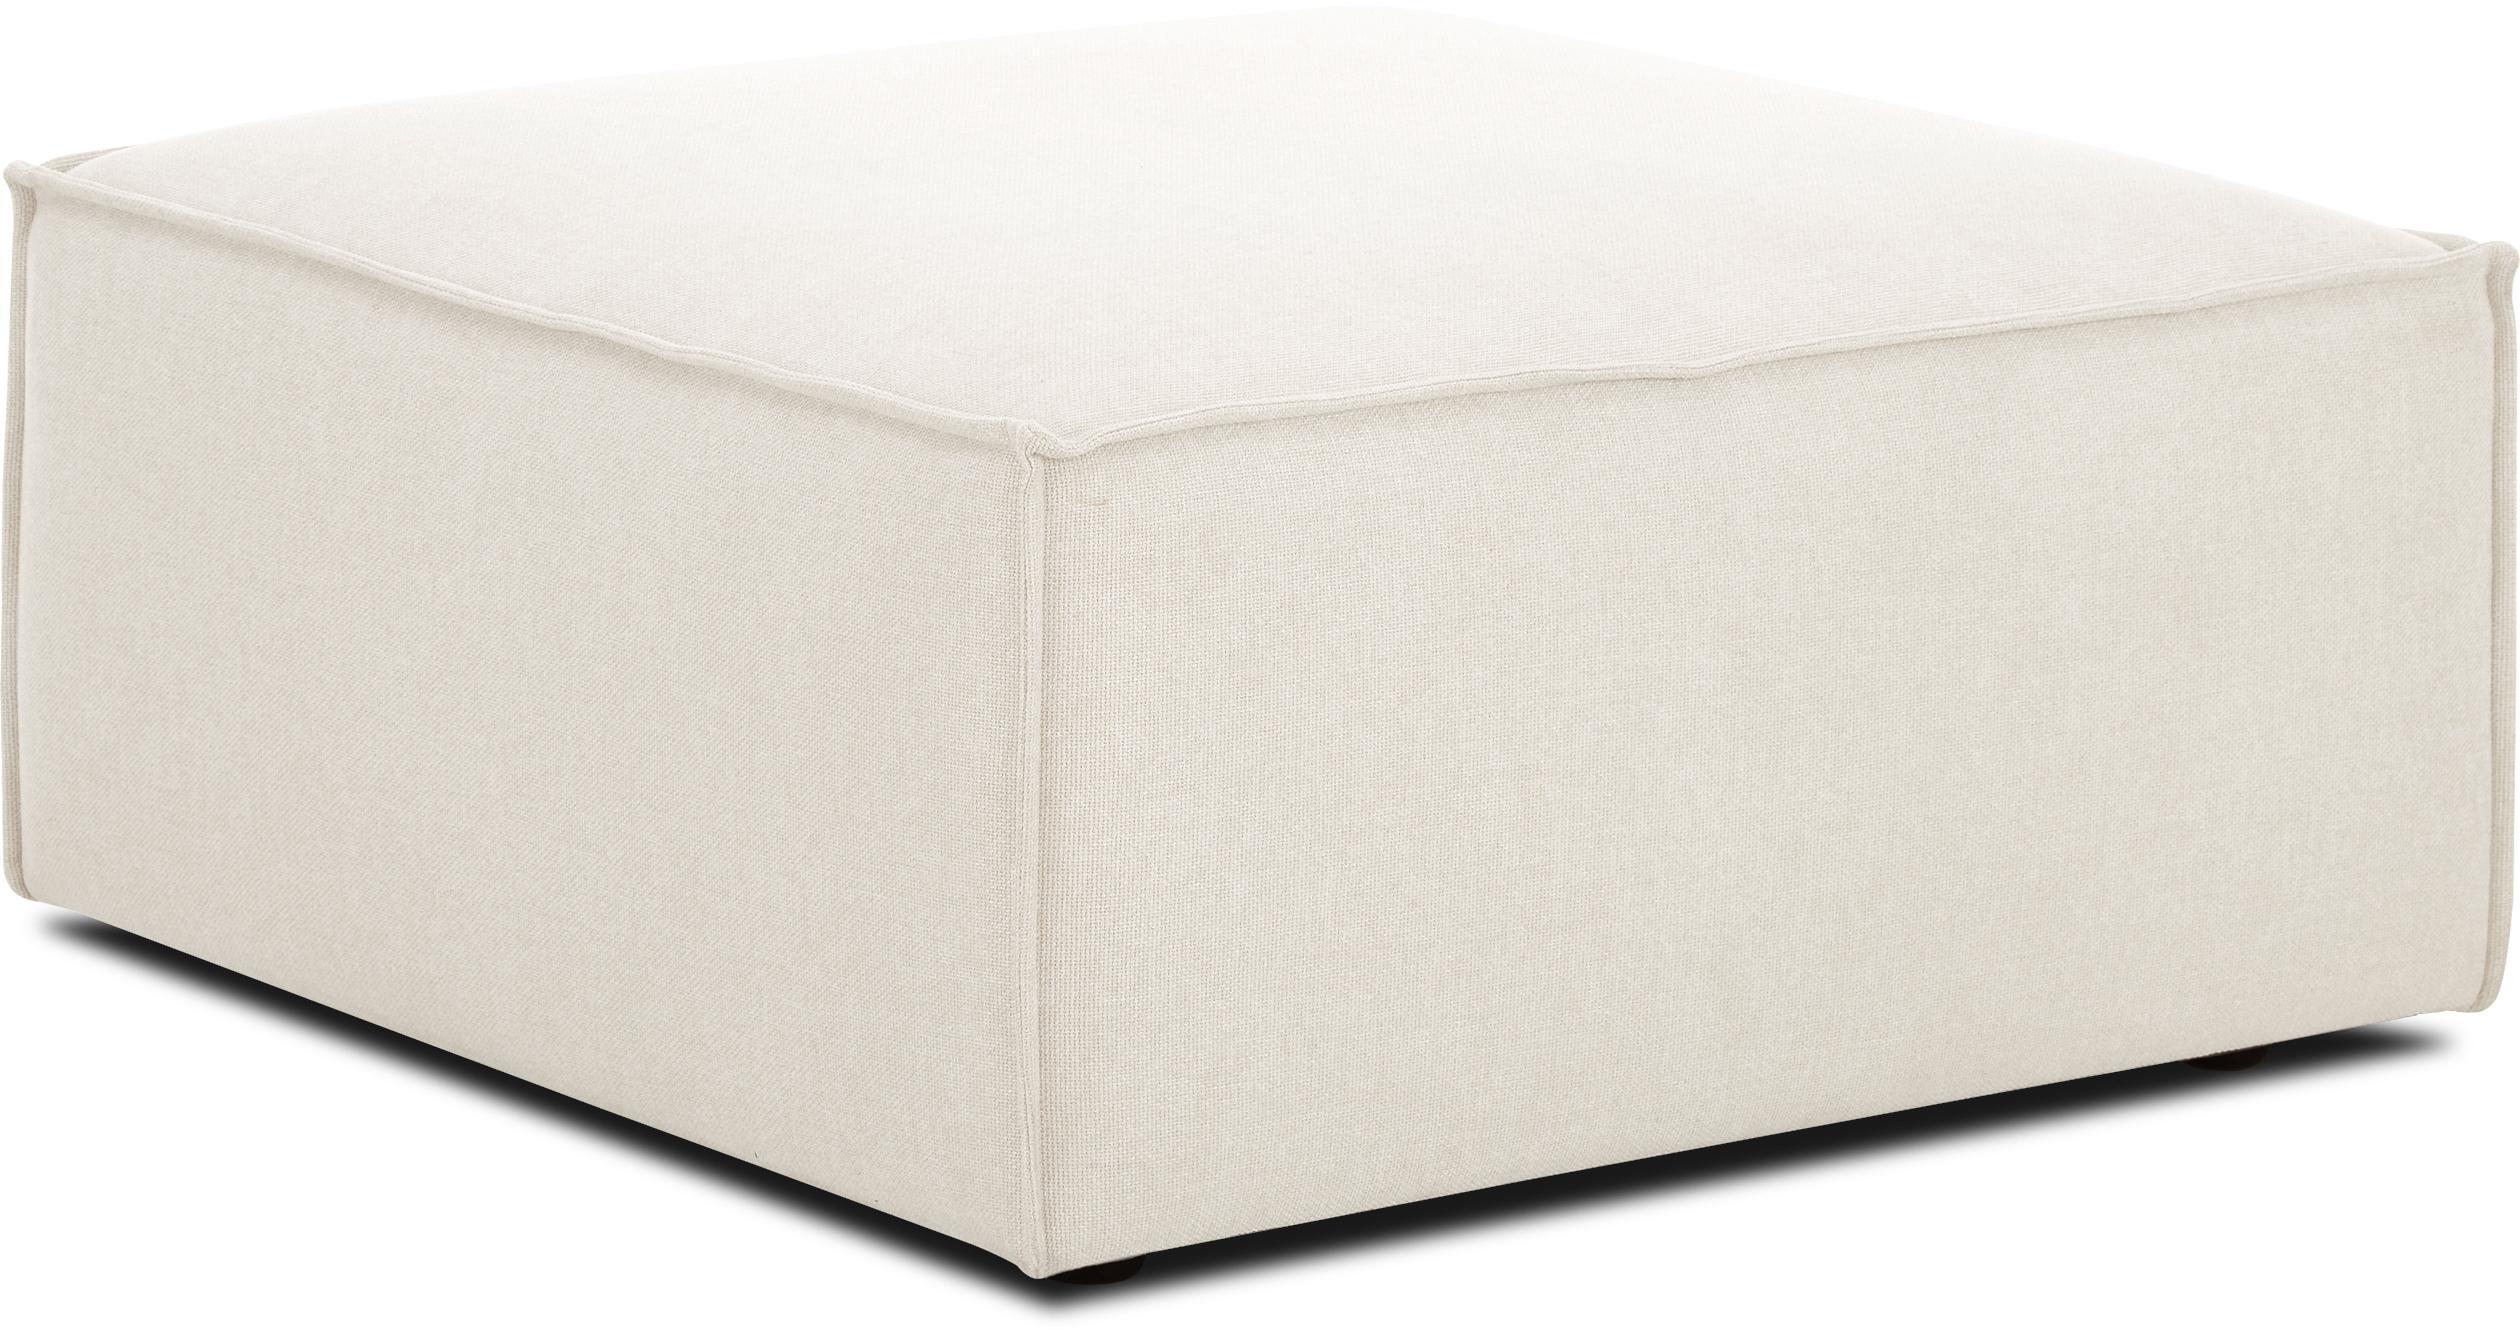 Voetenbank Lennon, Bekleding: polyester, Frame: massief grenenhout, multi, Poten: kunststof, Geweven stof beige, 88 x 43 cm